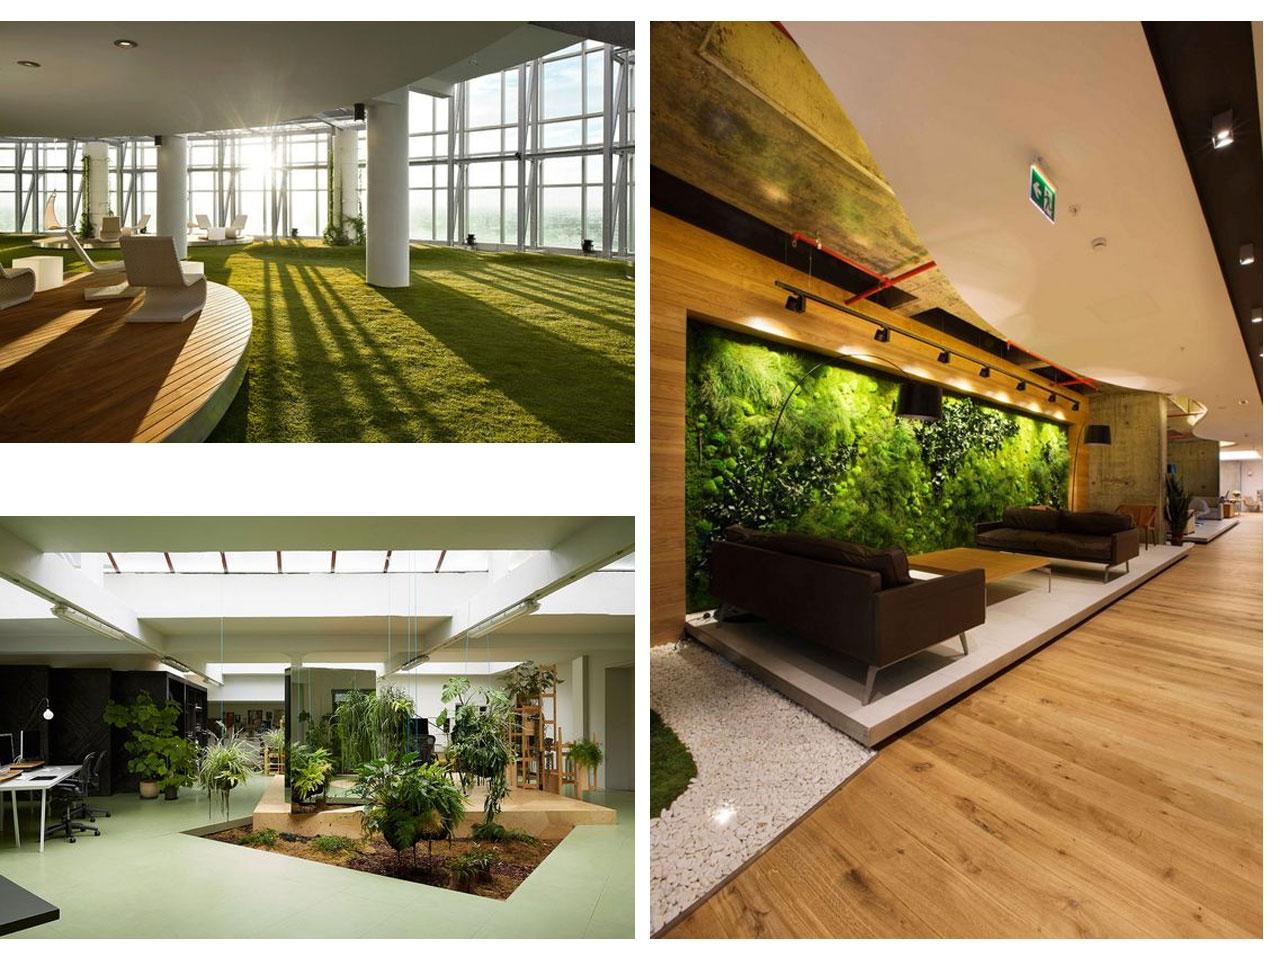 Tendencias oficinas 2016 2017 dise o de interiores for Programa para crear espacios interiores